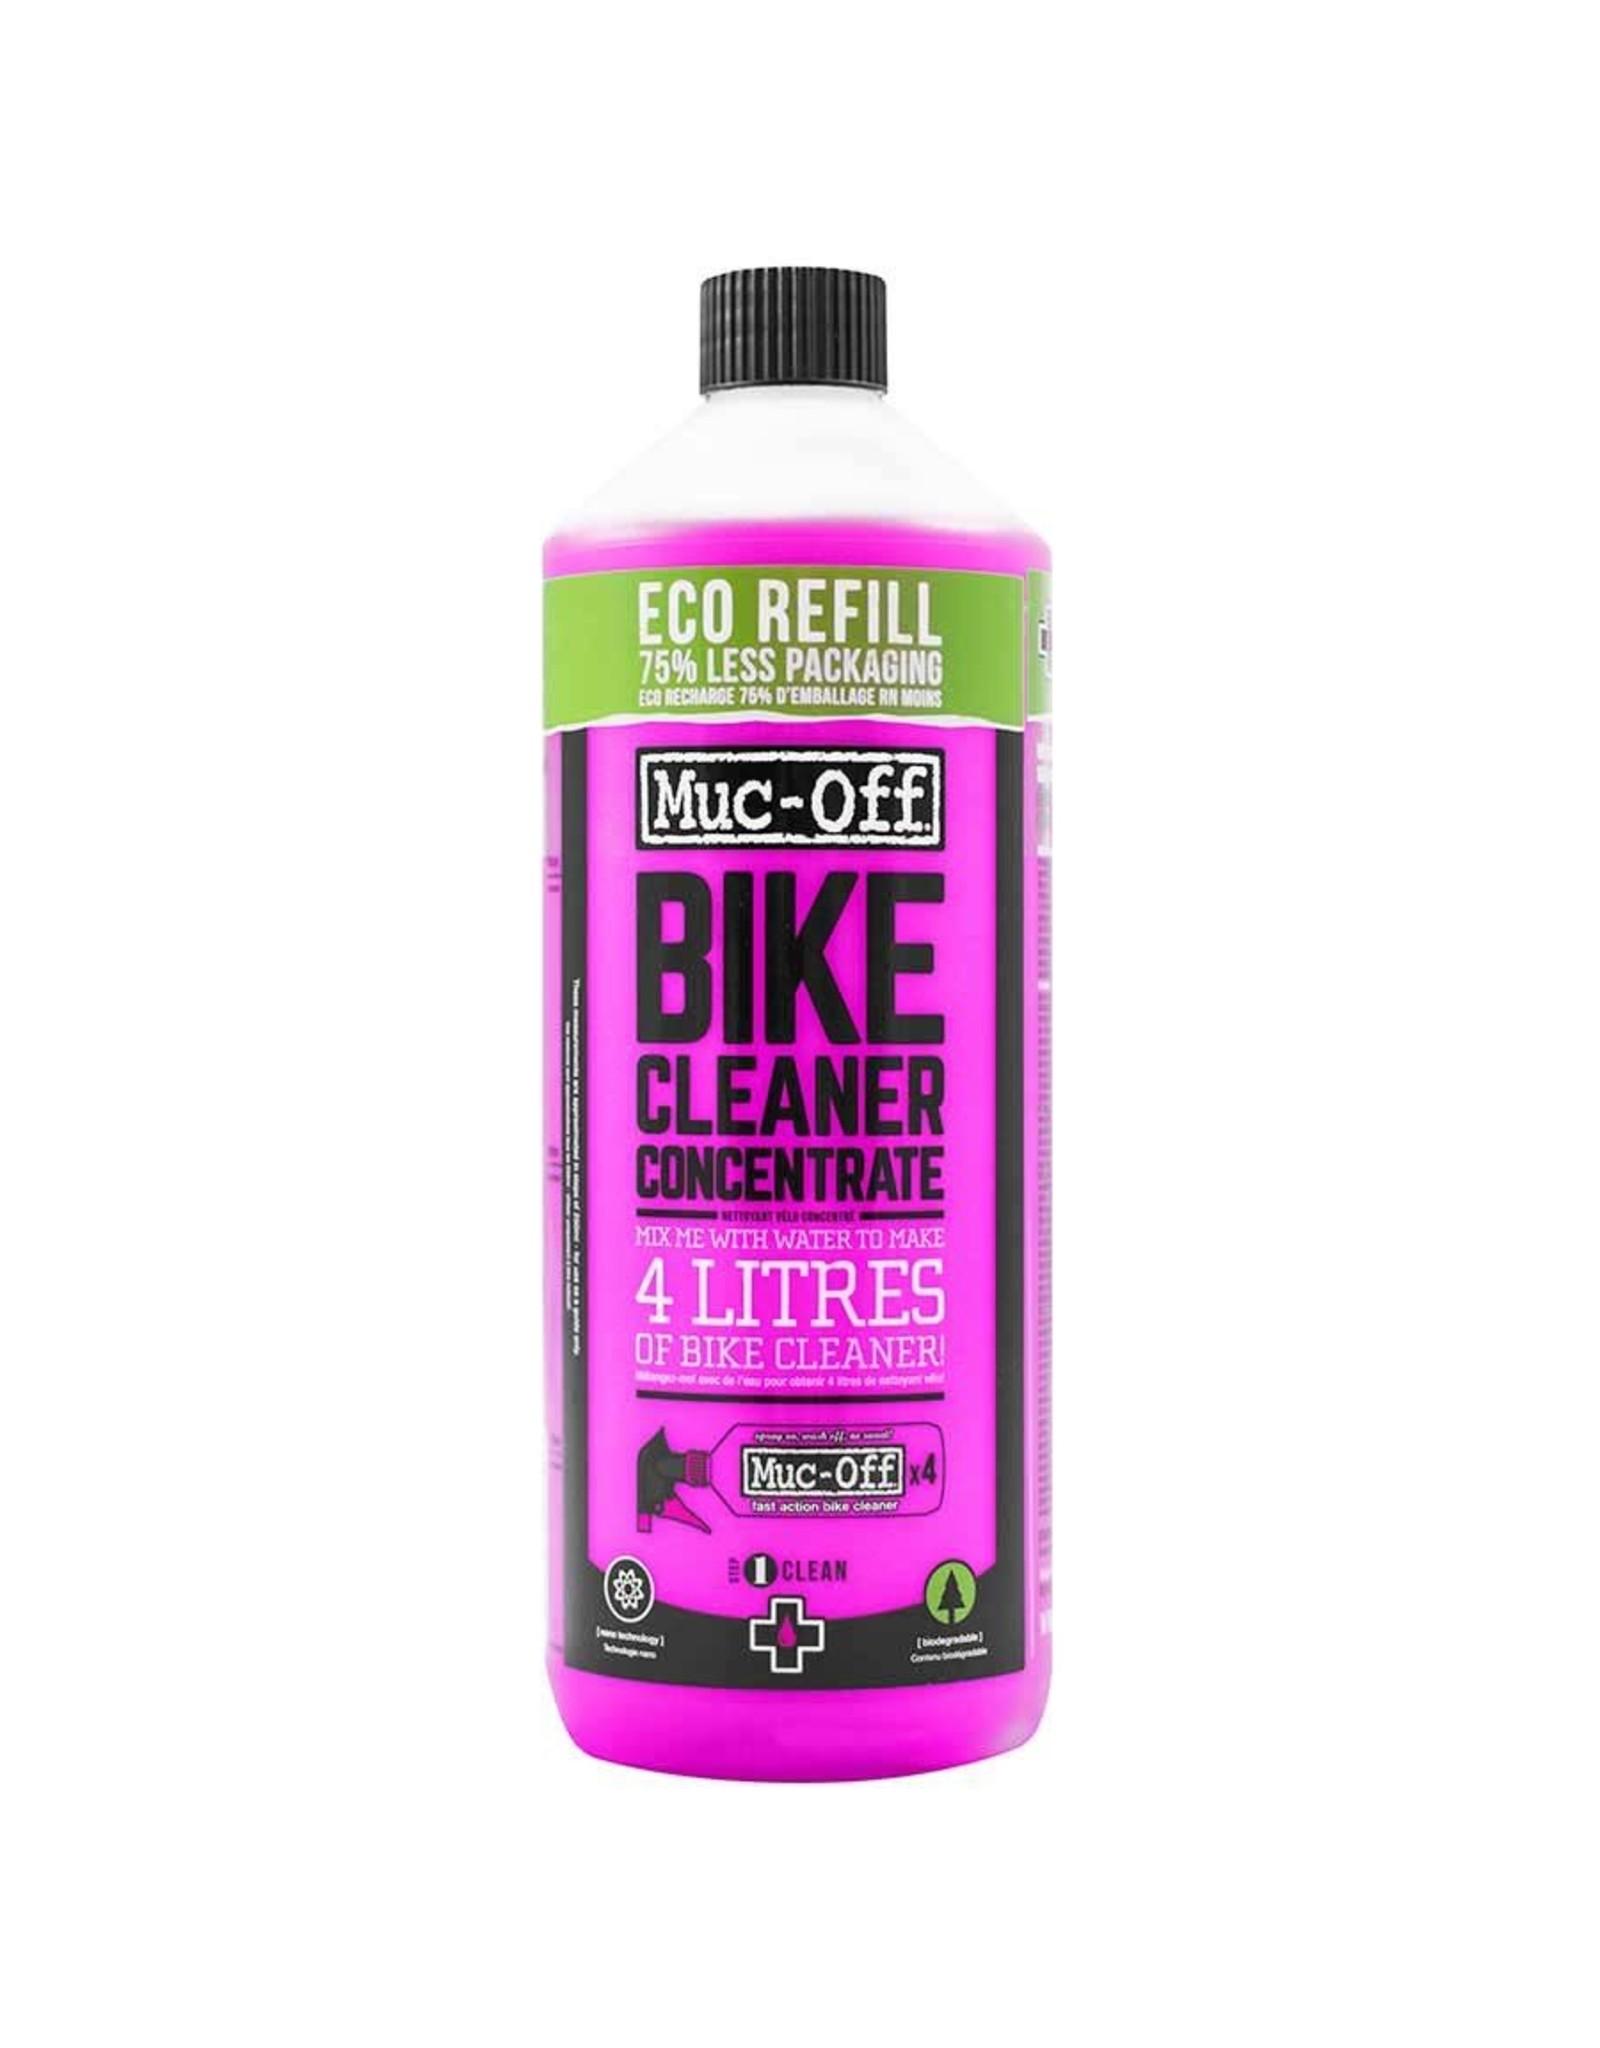 Muc-Off MUC-OFF Nano Tech Concentrated Gel Bike Cleaner, 1L